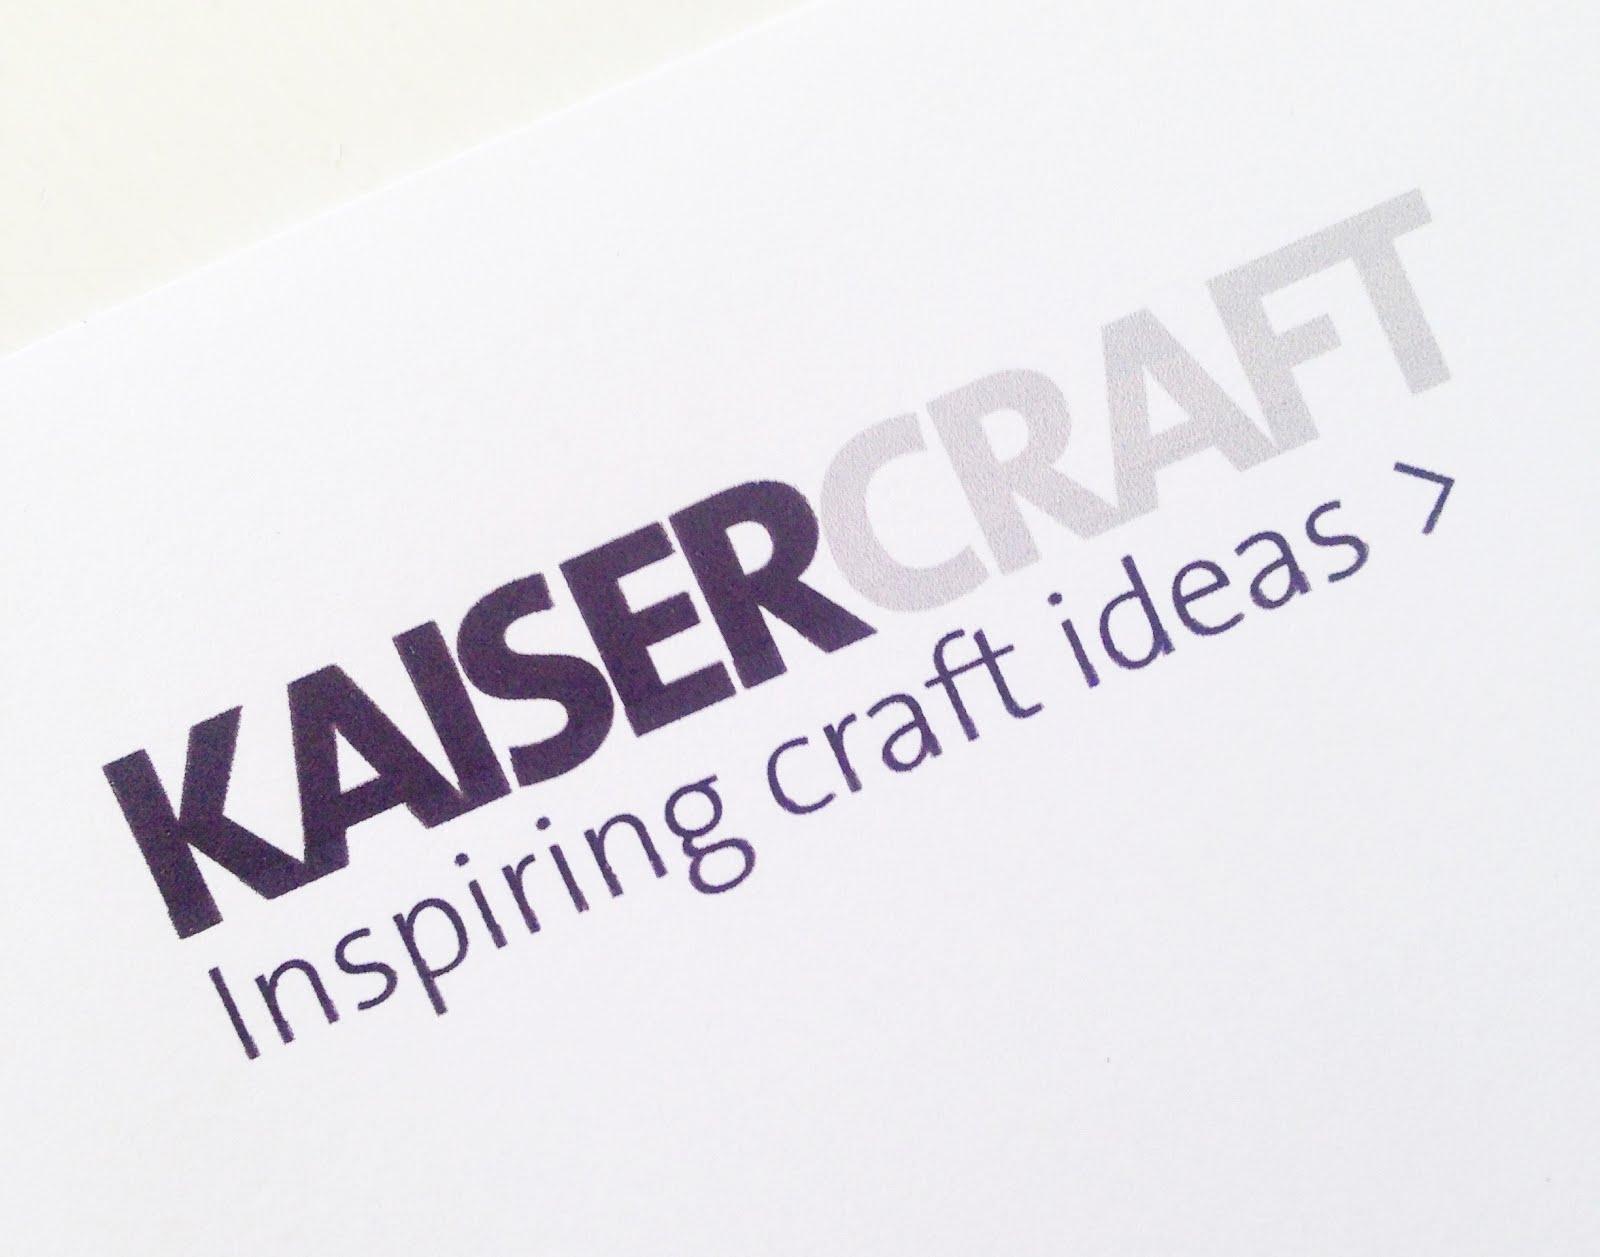 http://www.kaisercraft.com.au/blog/